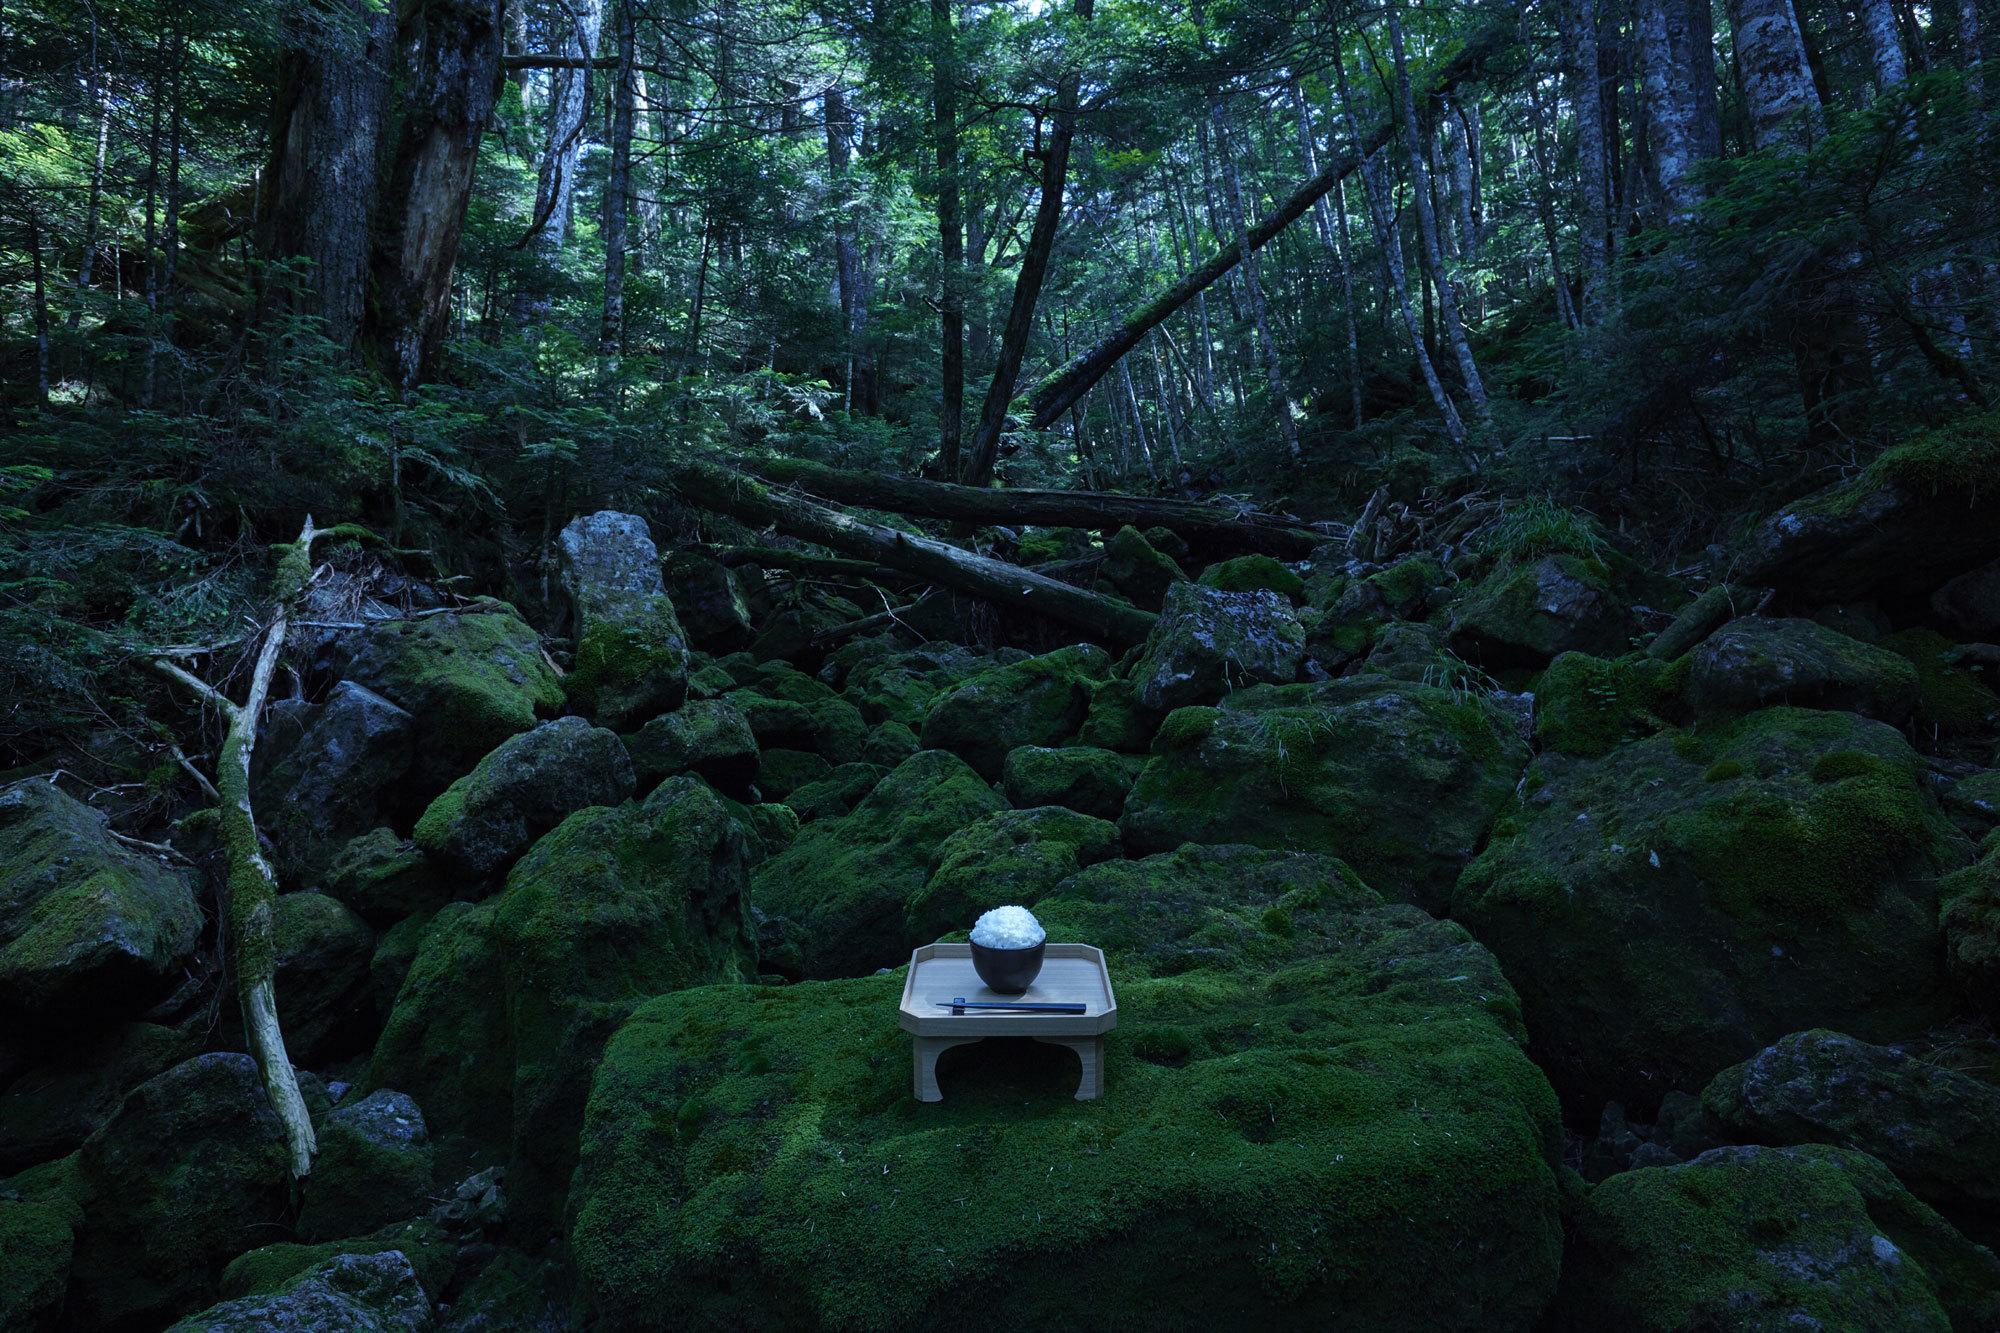 ちなみにこの写真、合成ではないそうです。炊飯器を担いで森に入り、周りの木々も、苔むした岩も、全て自然のままだそうです。かっこよすぎませんか。